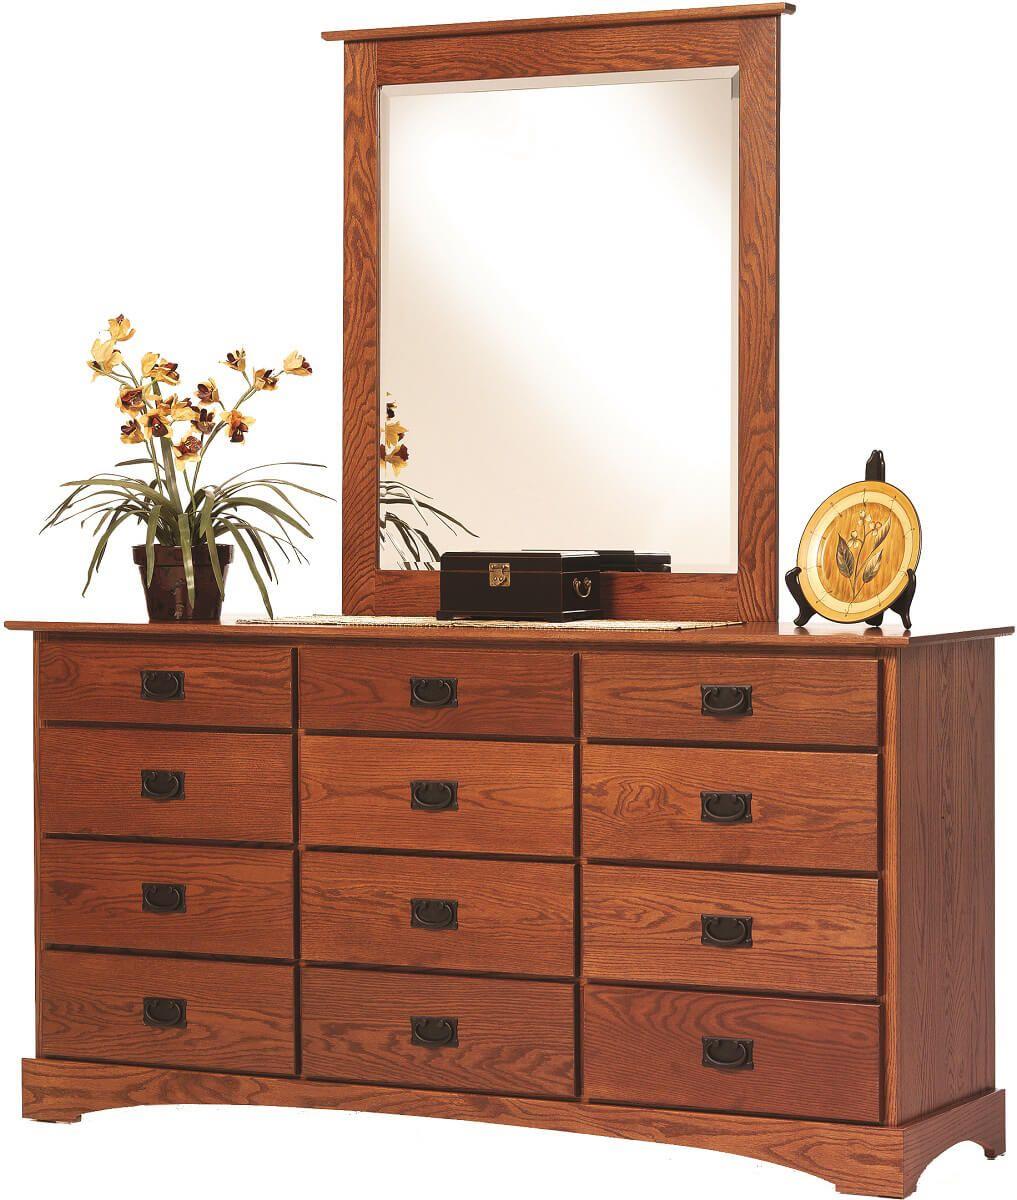 Mission Hills Dresser with Mirror